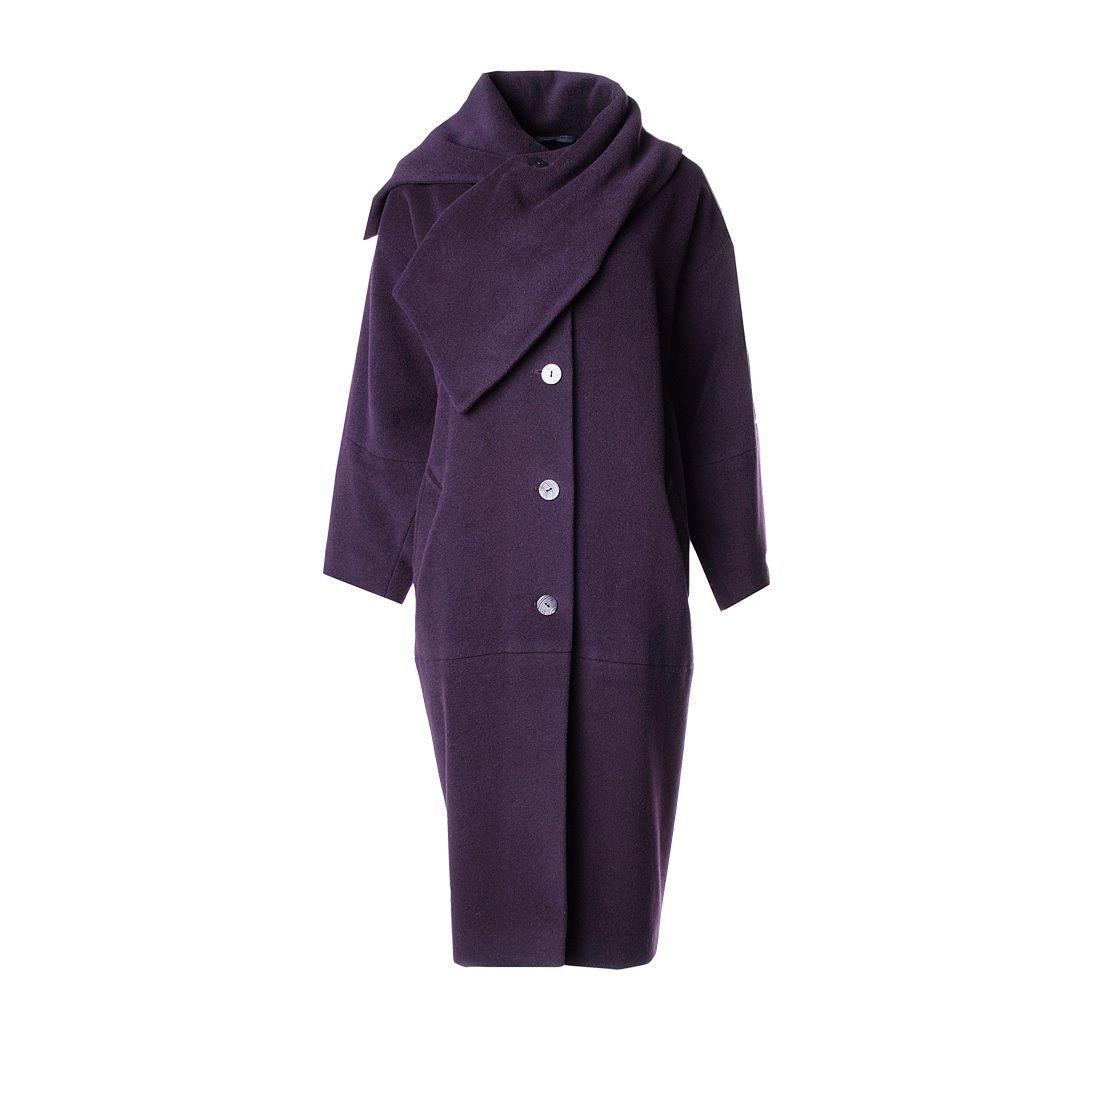 08602dd874f Верхняя одежда ручной работы. Ярмарка Мастеров - ручная работа. Купить  Пальто-кимоно баклажанного